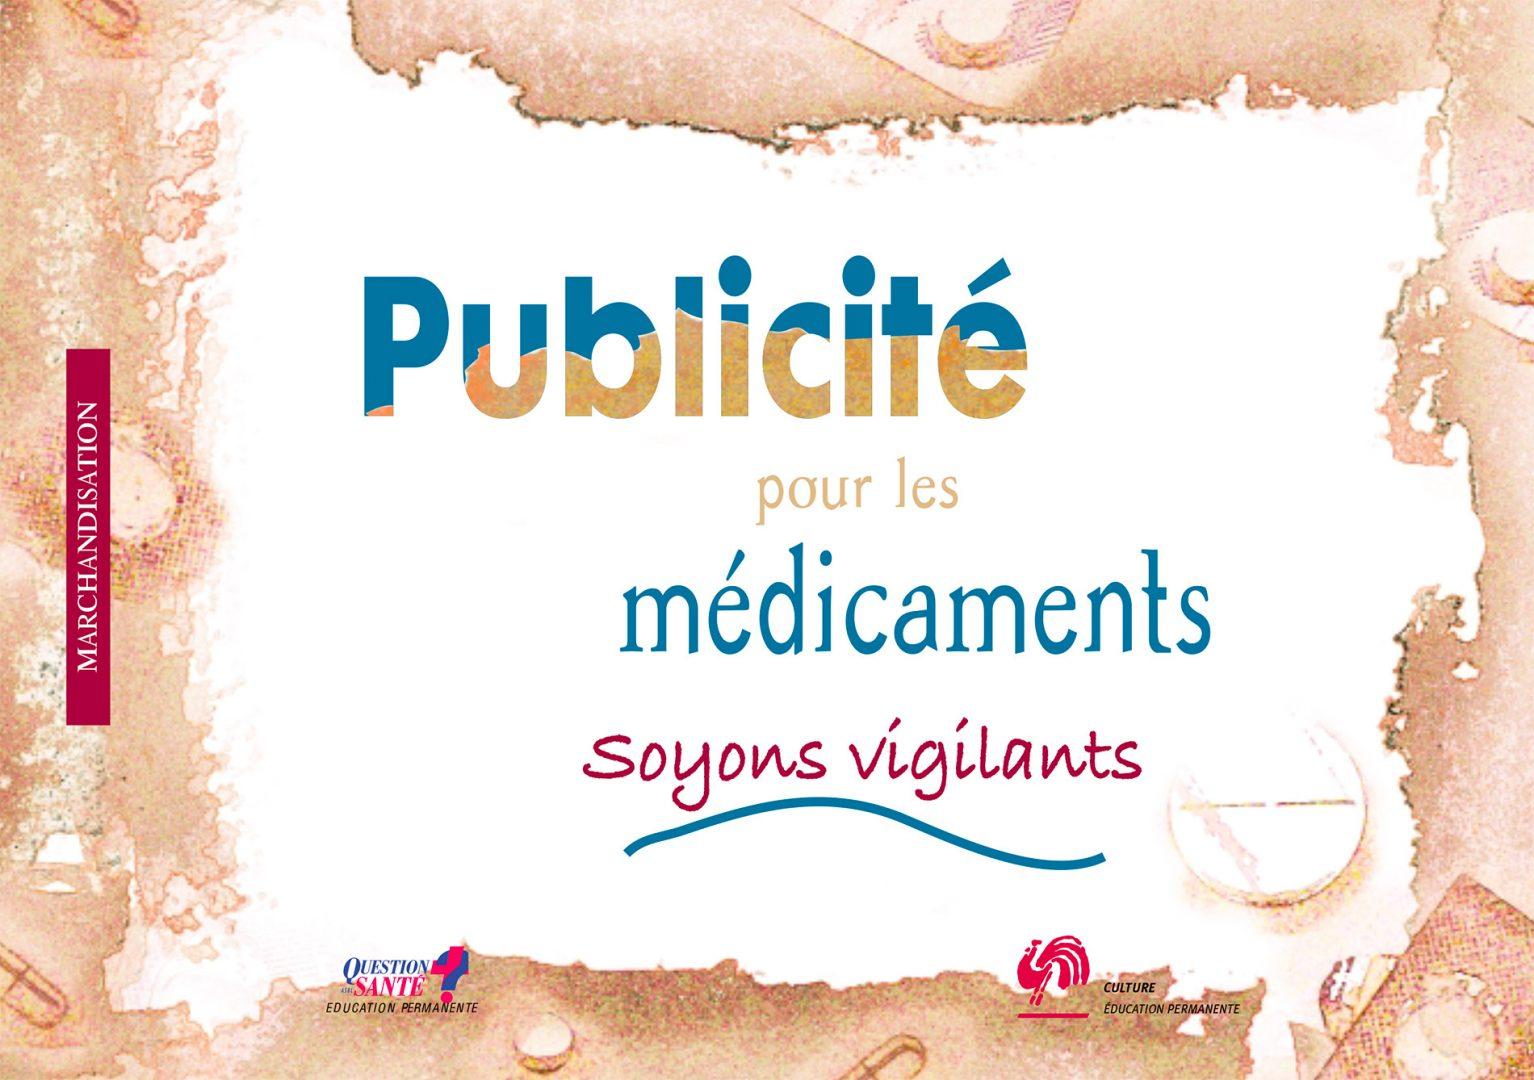 20050511 Img Publicitemedicaments Bd Vf